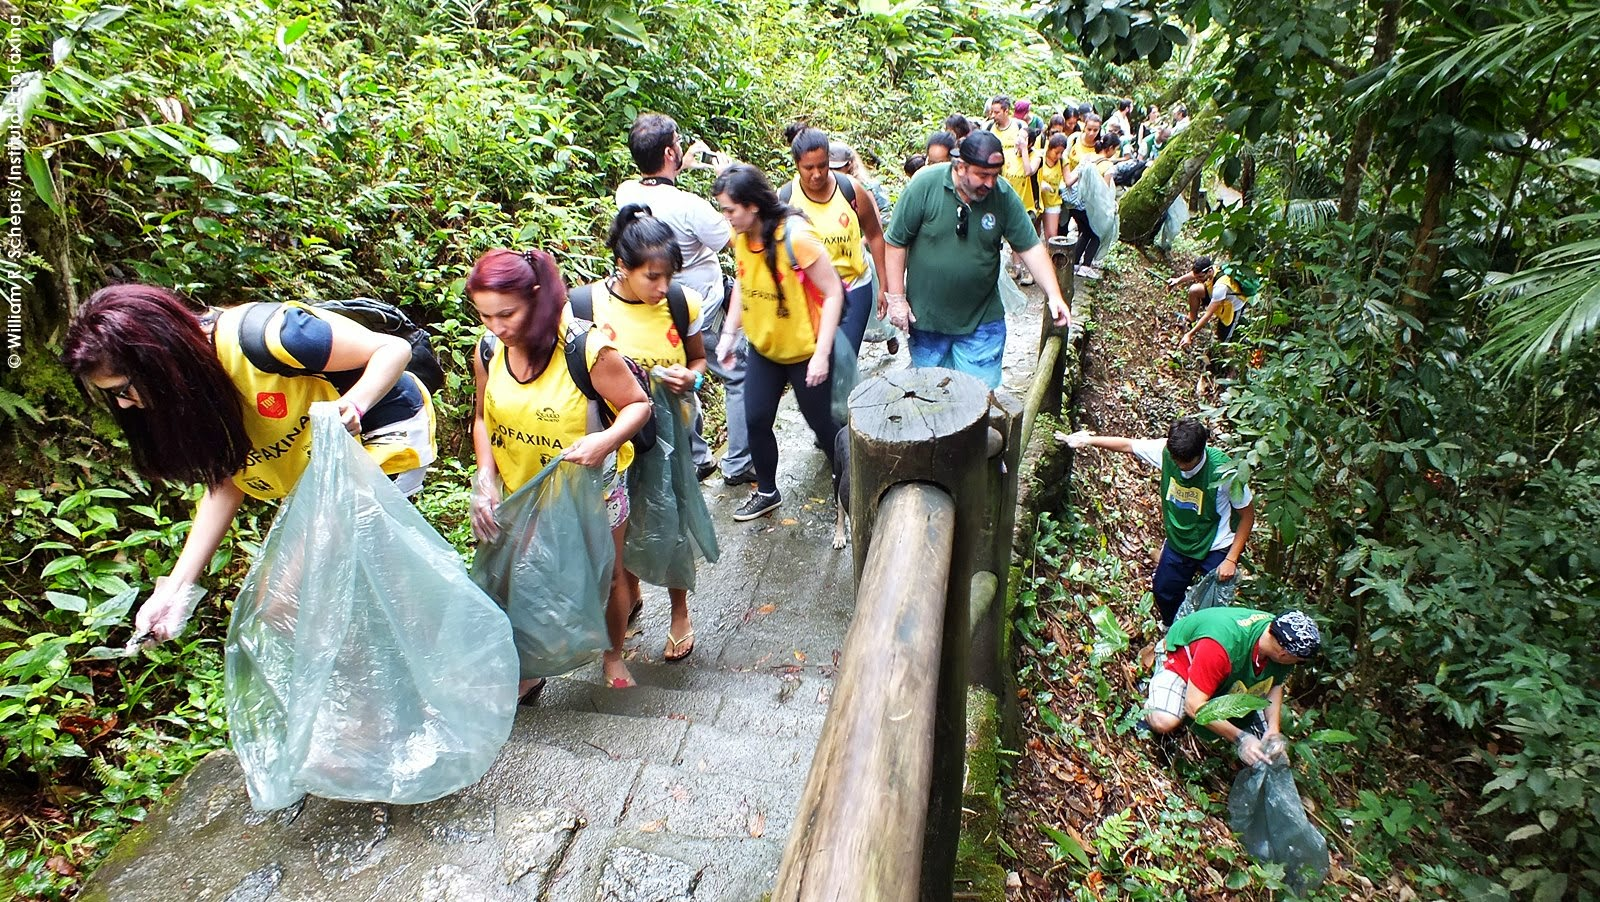 Voluntários retiram o lixo da mata ao redor da trilha. A quantidade surpreendeu a todos. Foto: William R. Schepis/Instituto EcoFaxina